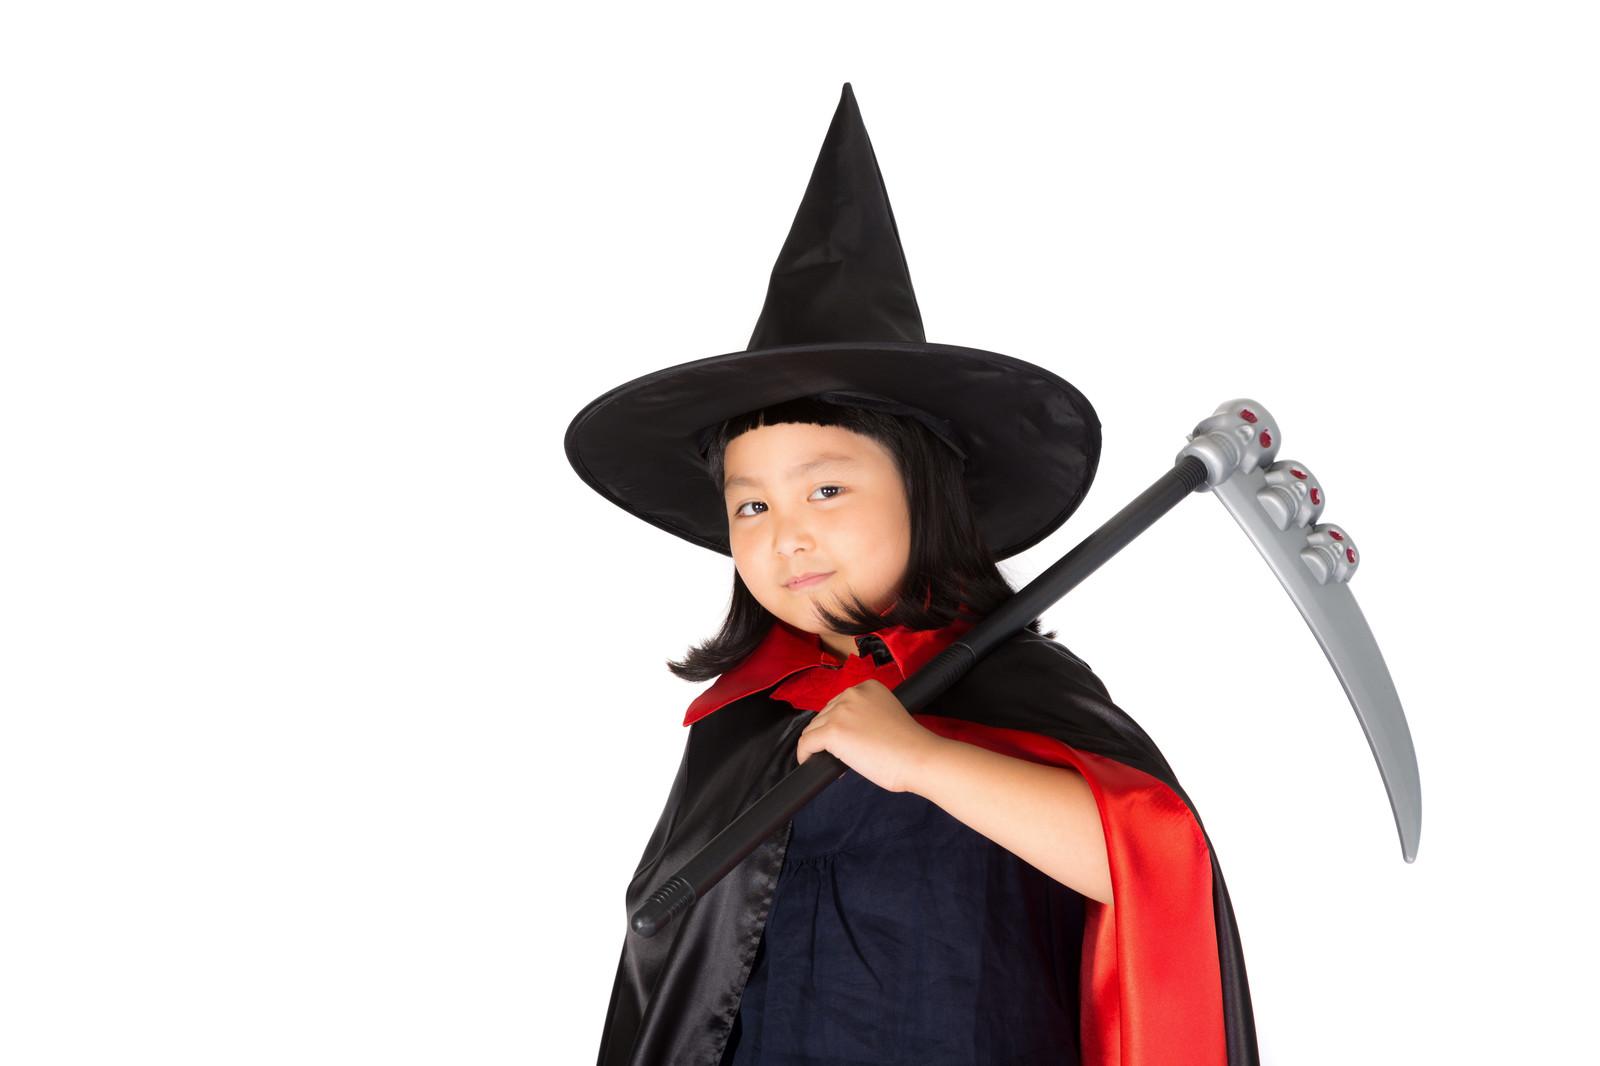 魔女の帽子の作り方 画用紙で簡単に手作りするコツを紹介